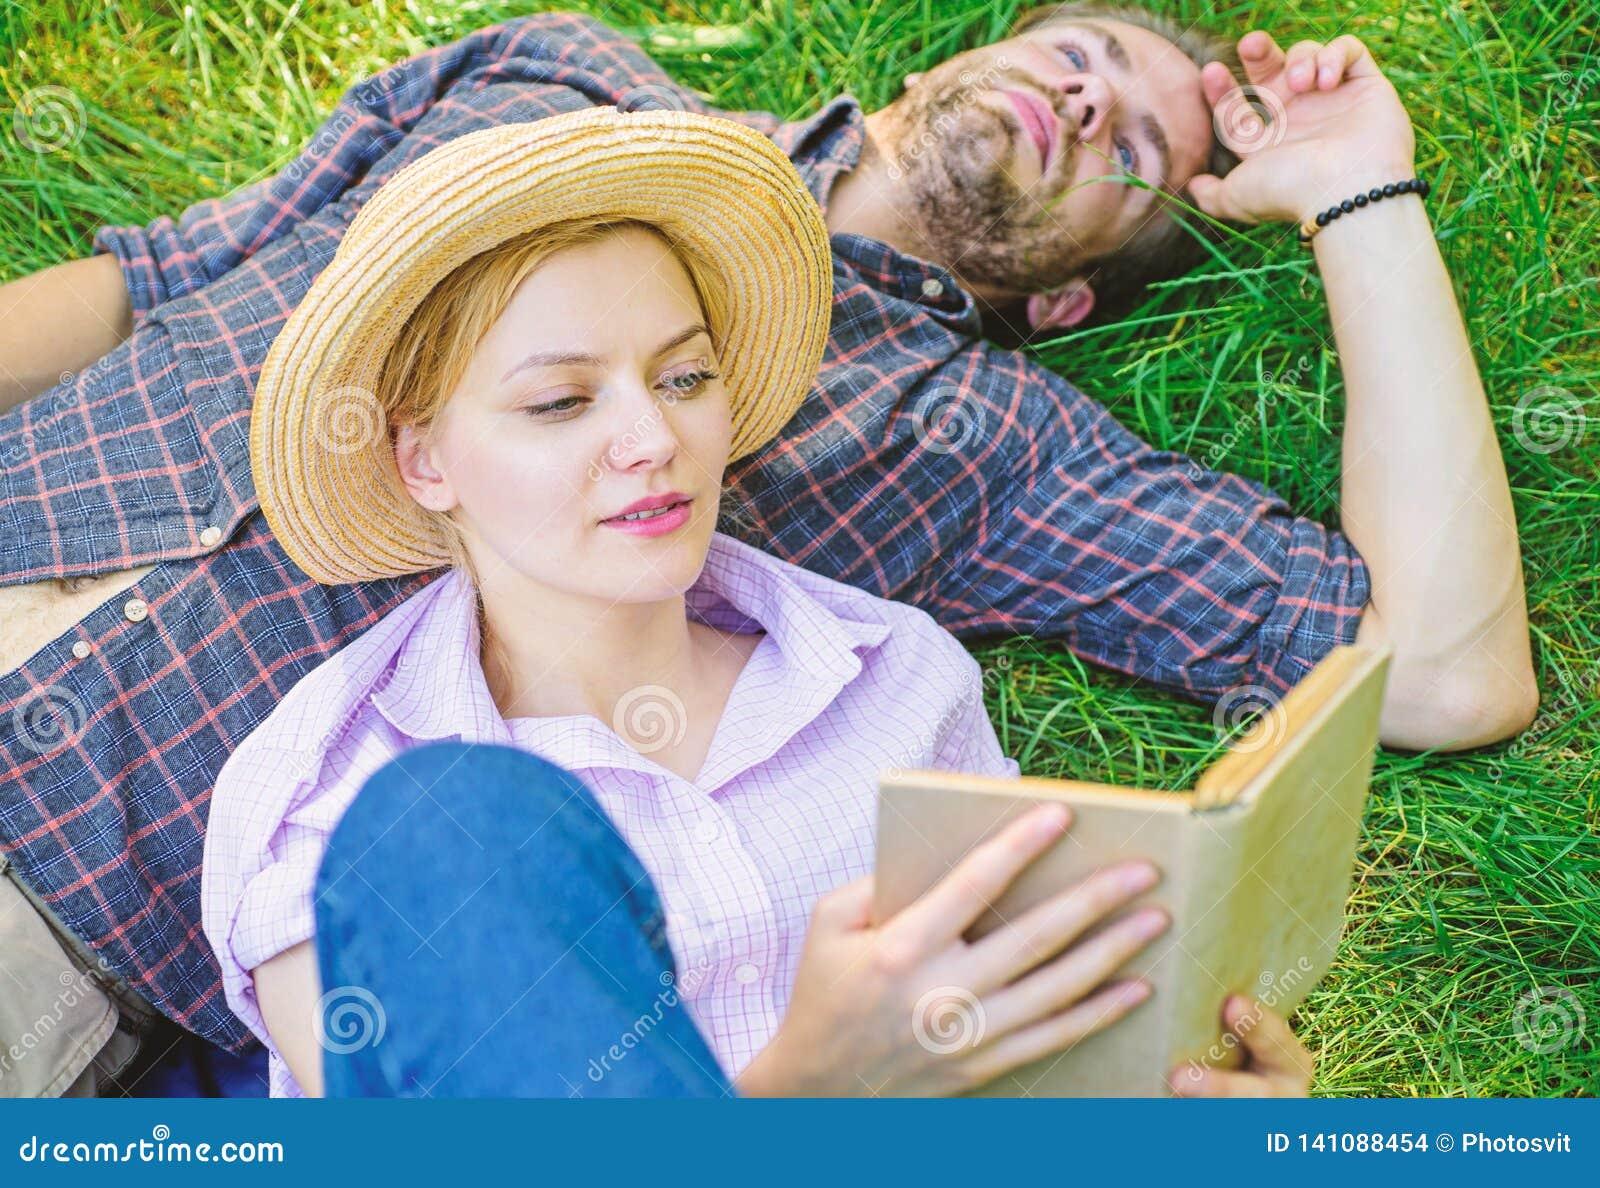 人和女孩在草阅读书放置 夫妇知己在浪漫日期 在爱的夫妇花费休闲看书